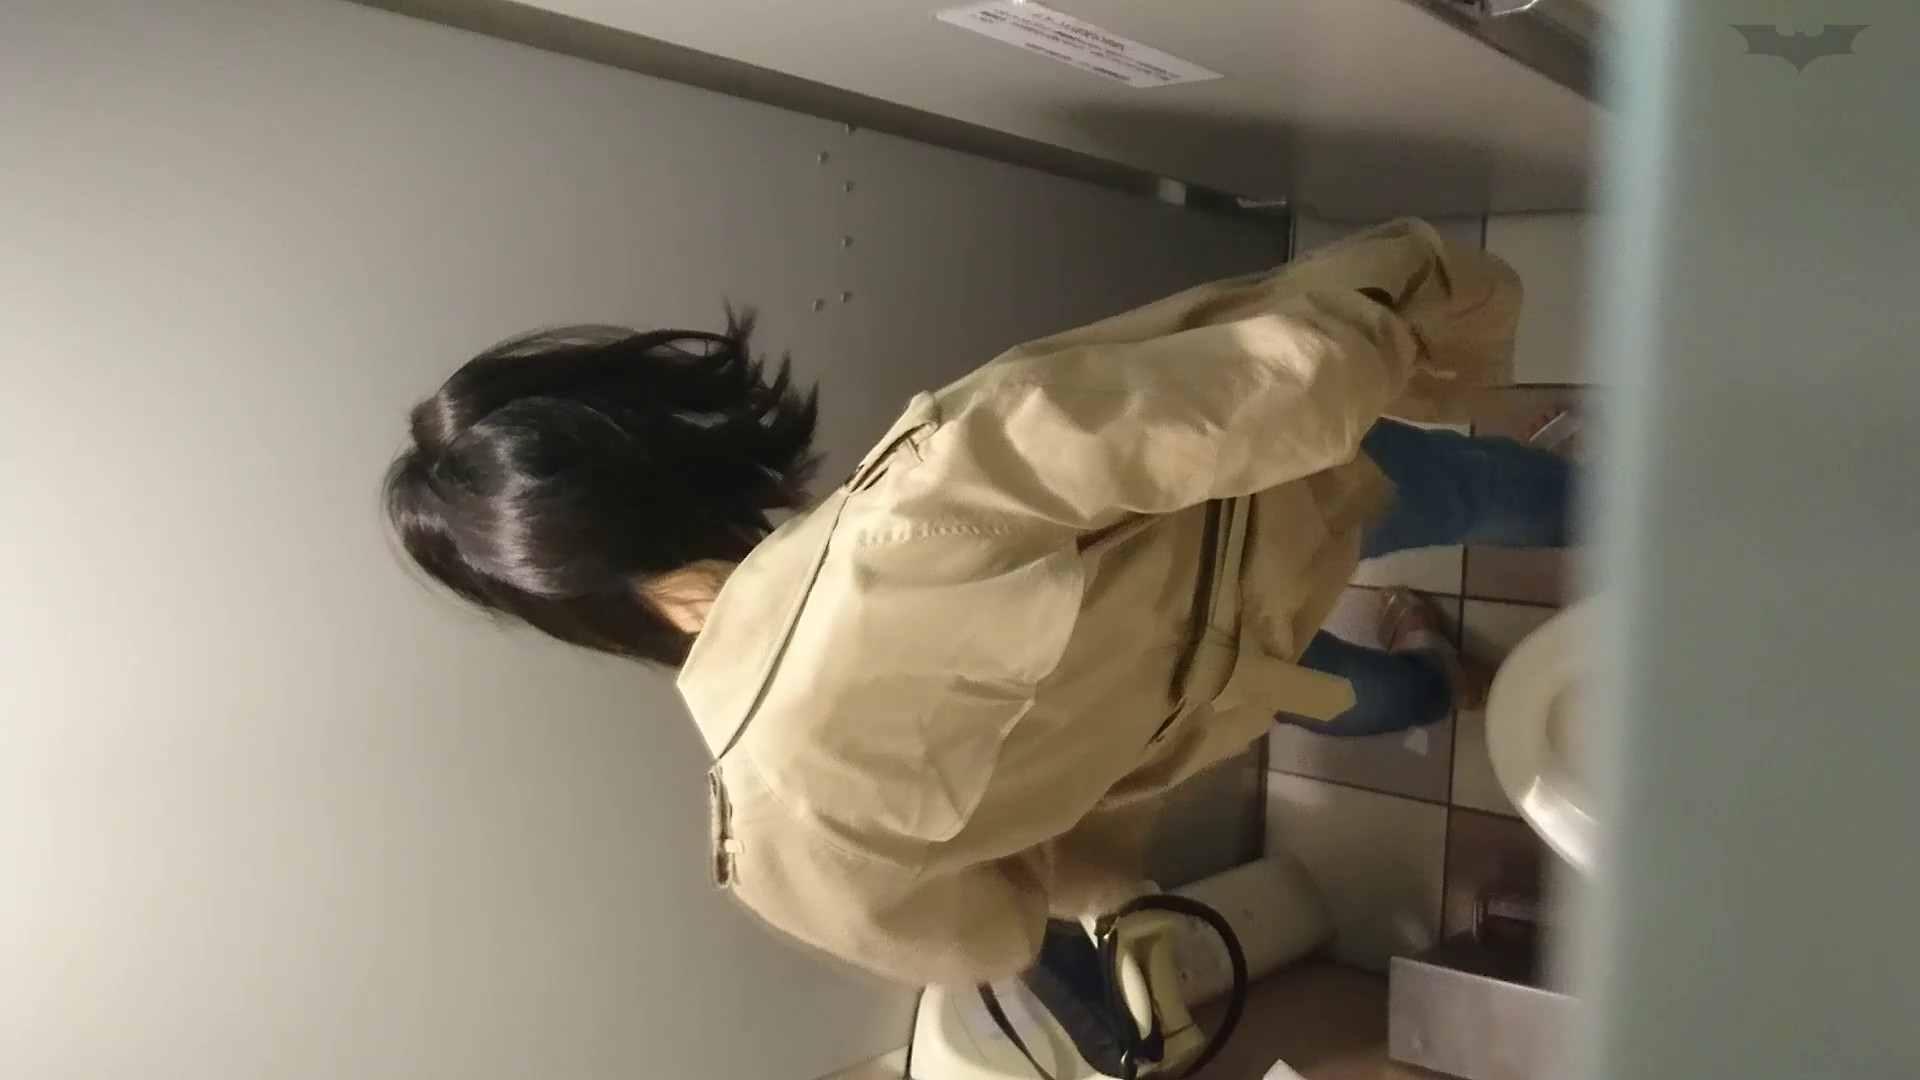 化粧室絵巻 ショッピングモール編 VOL.22 OL  95pic 19